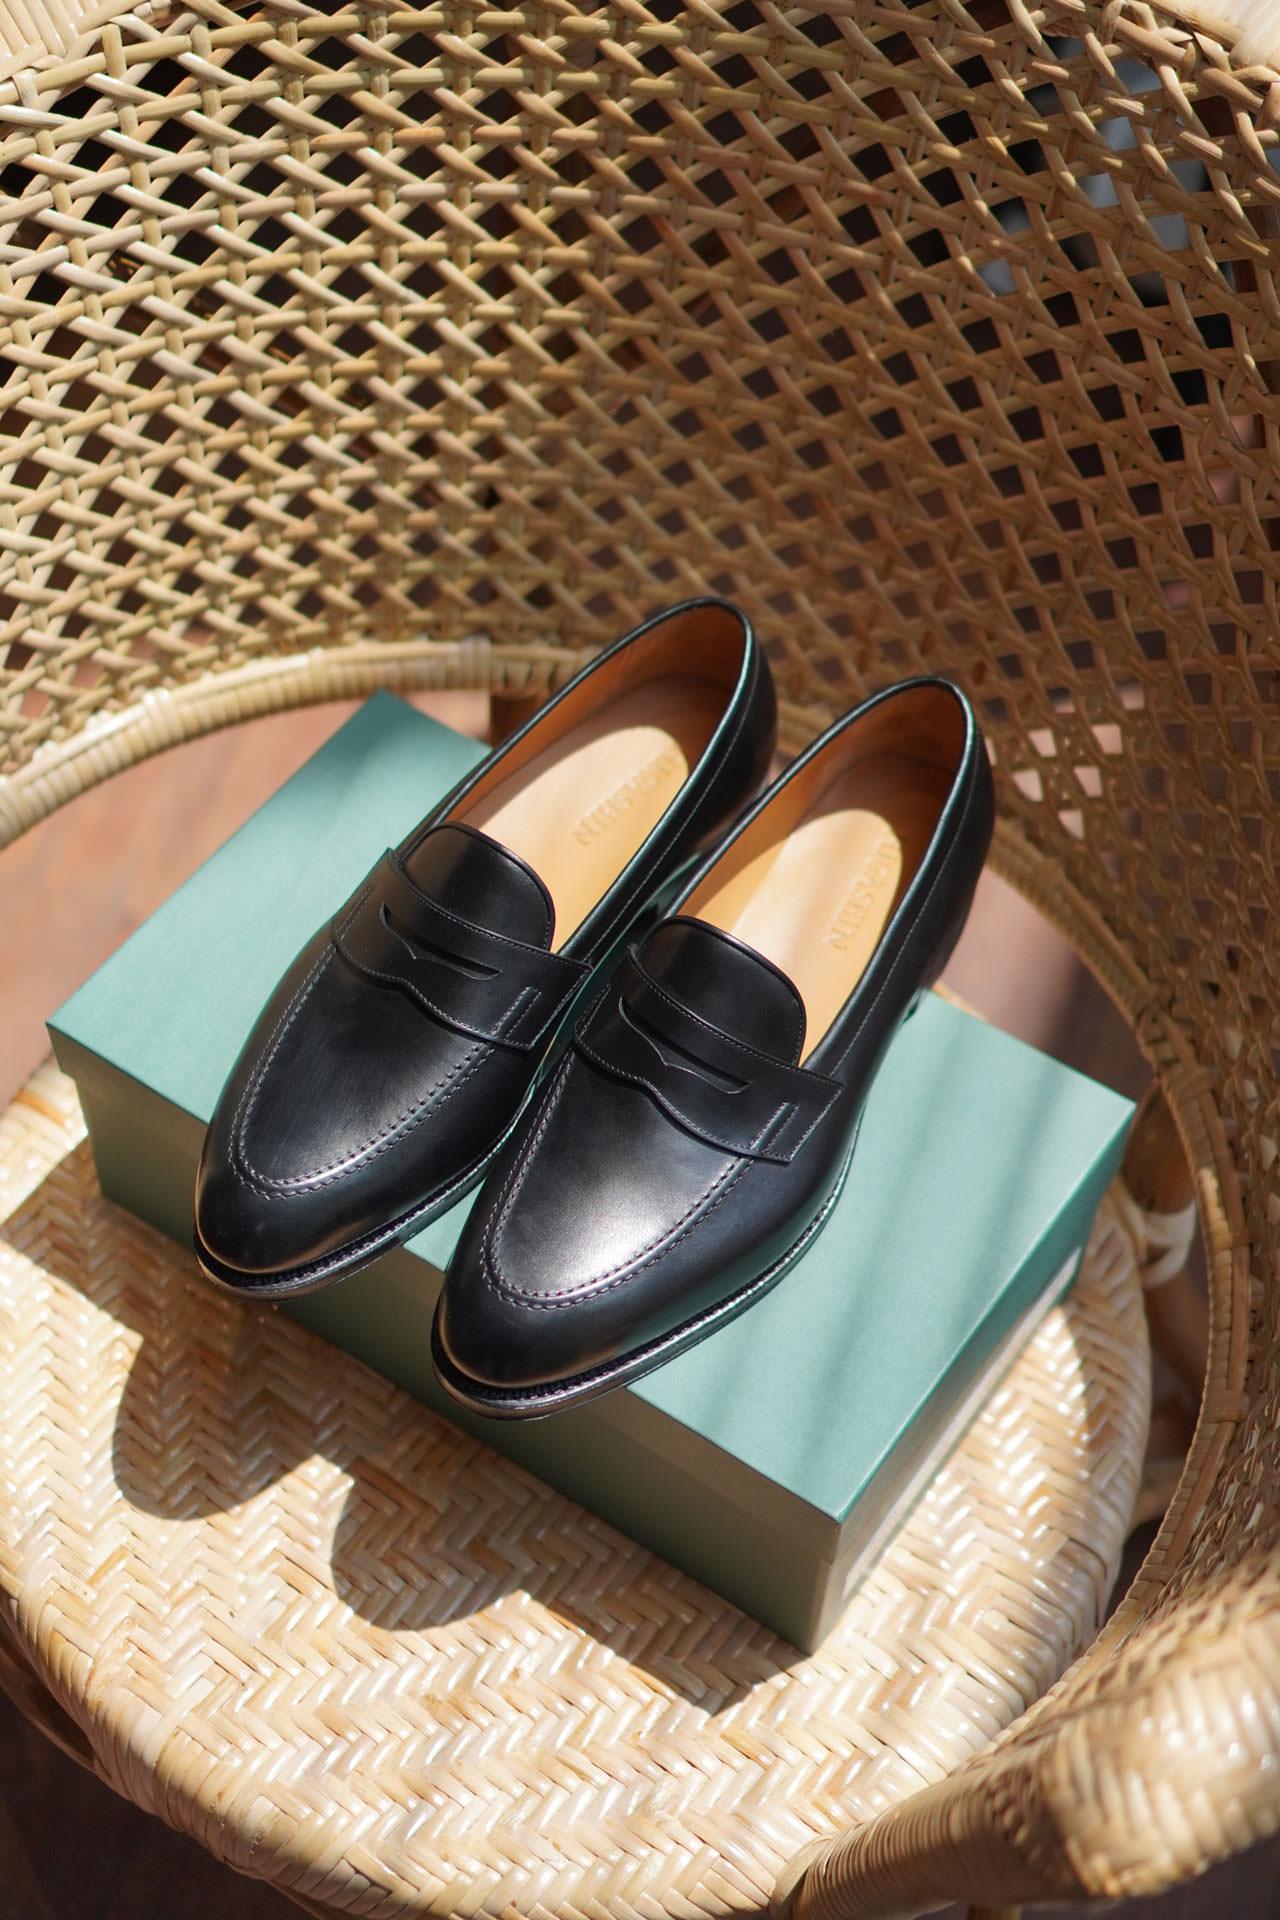 รองเท้า Penny Loafers จาก Fugashin